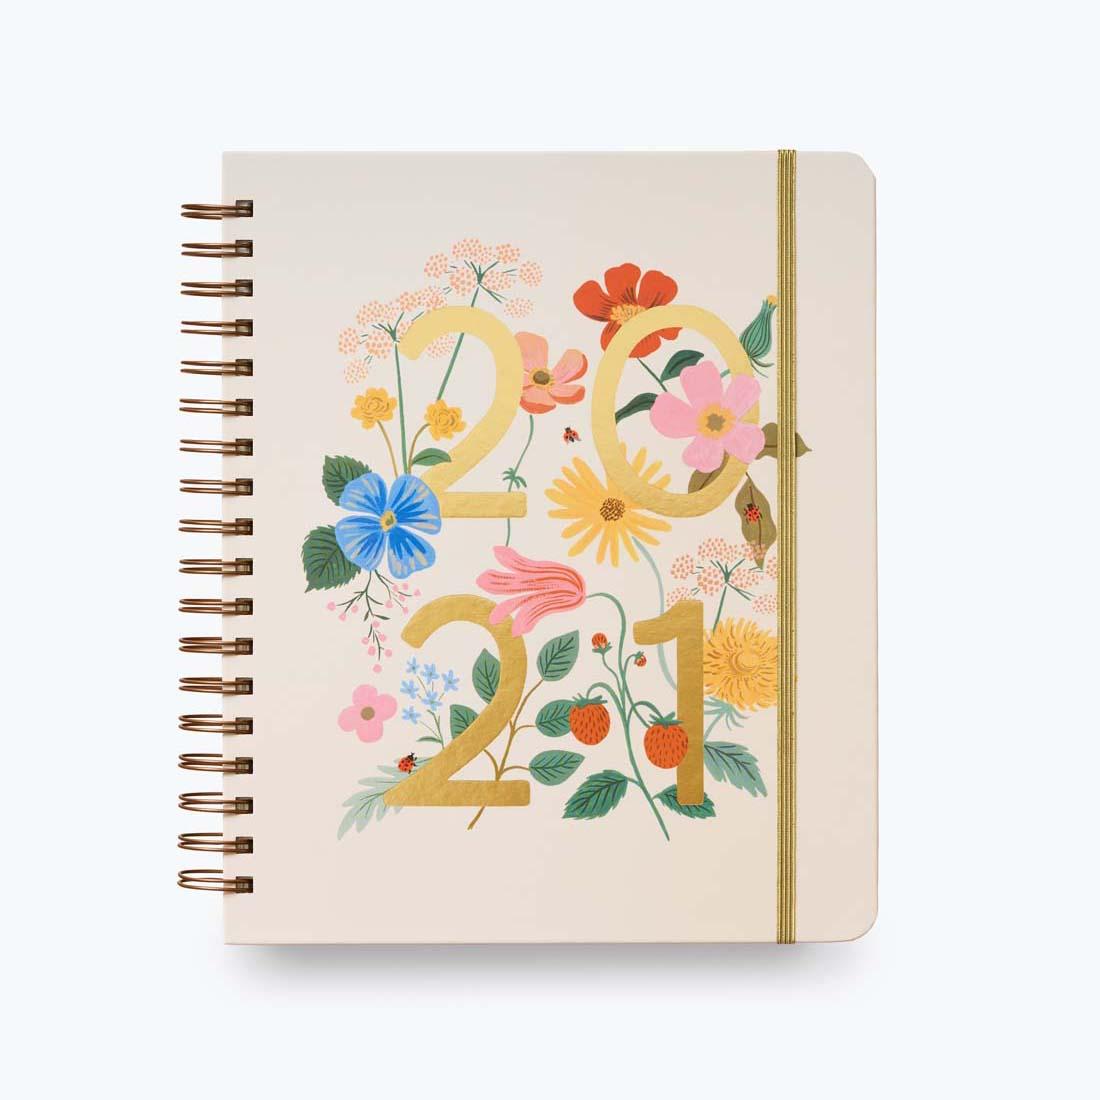 pls011-agenda2021-rifle-paper-co-Wild-Garden-Hardcover-Spiral-Planner